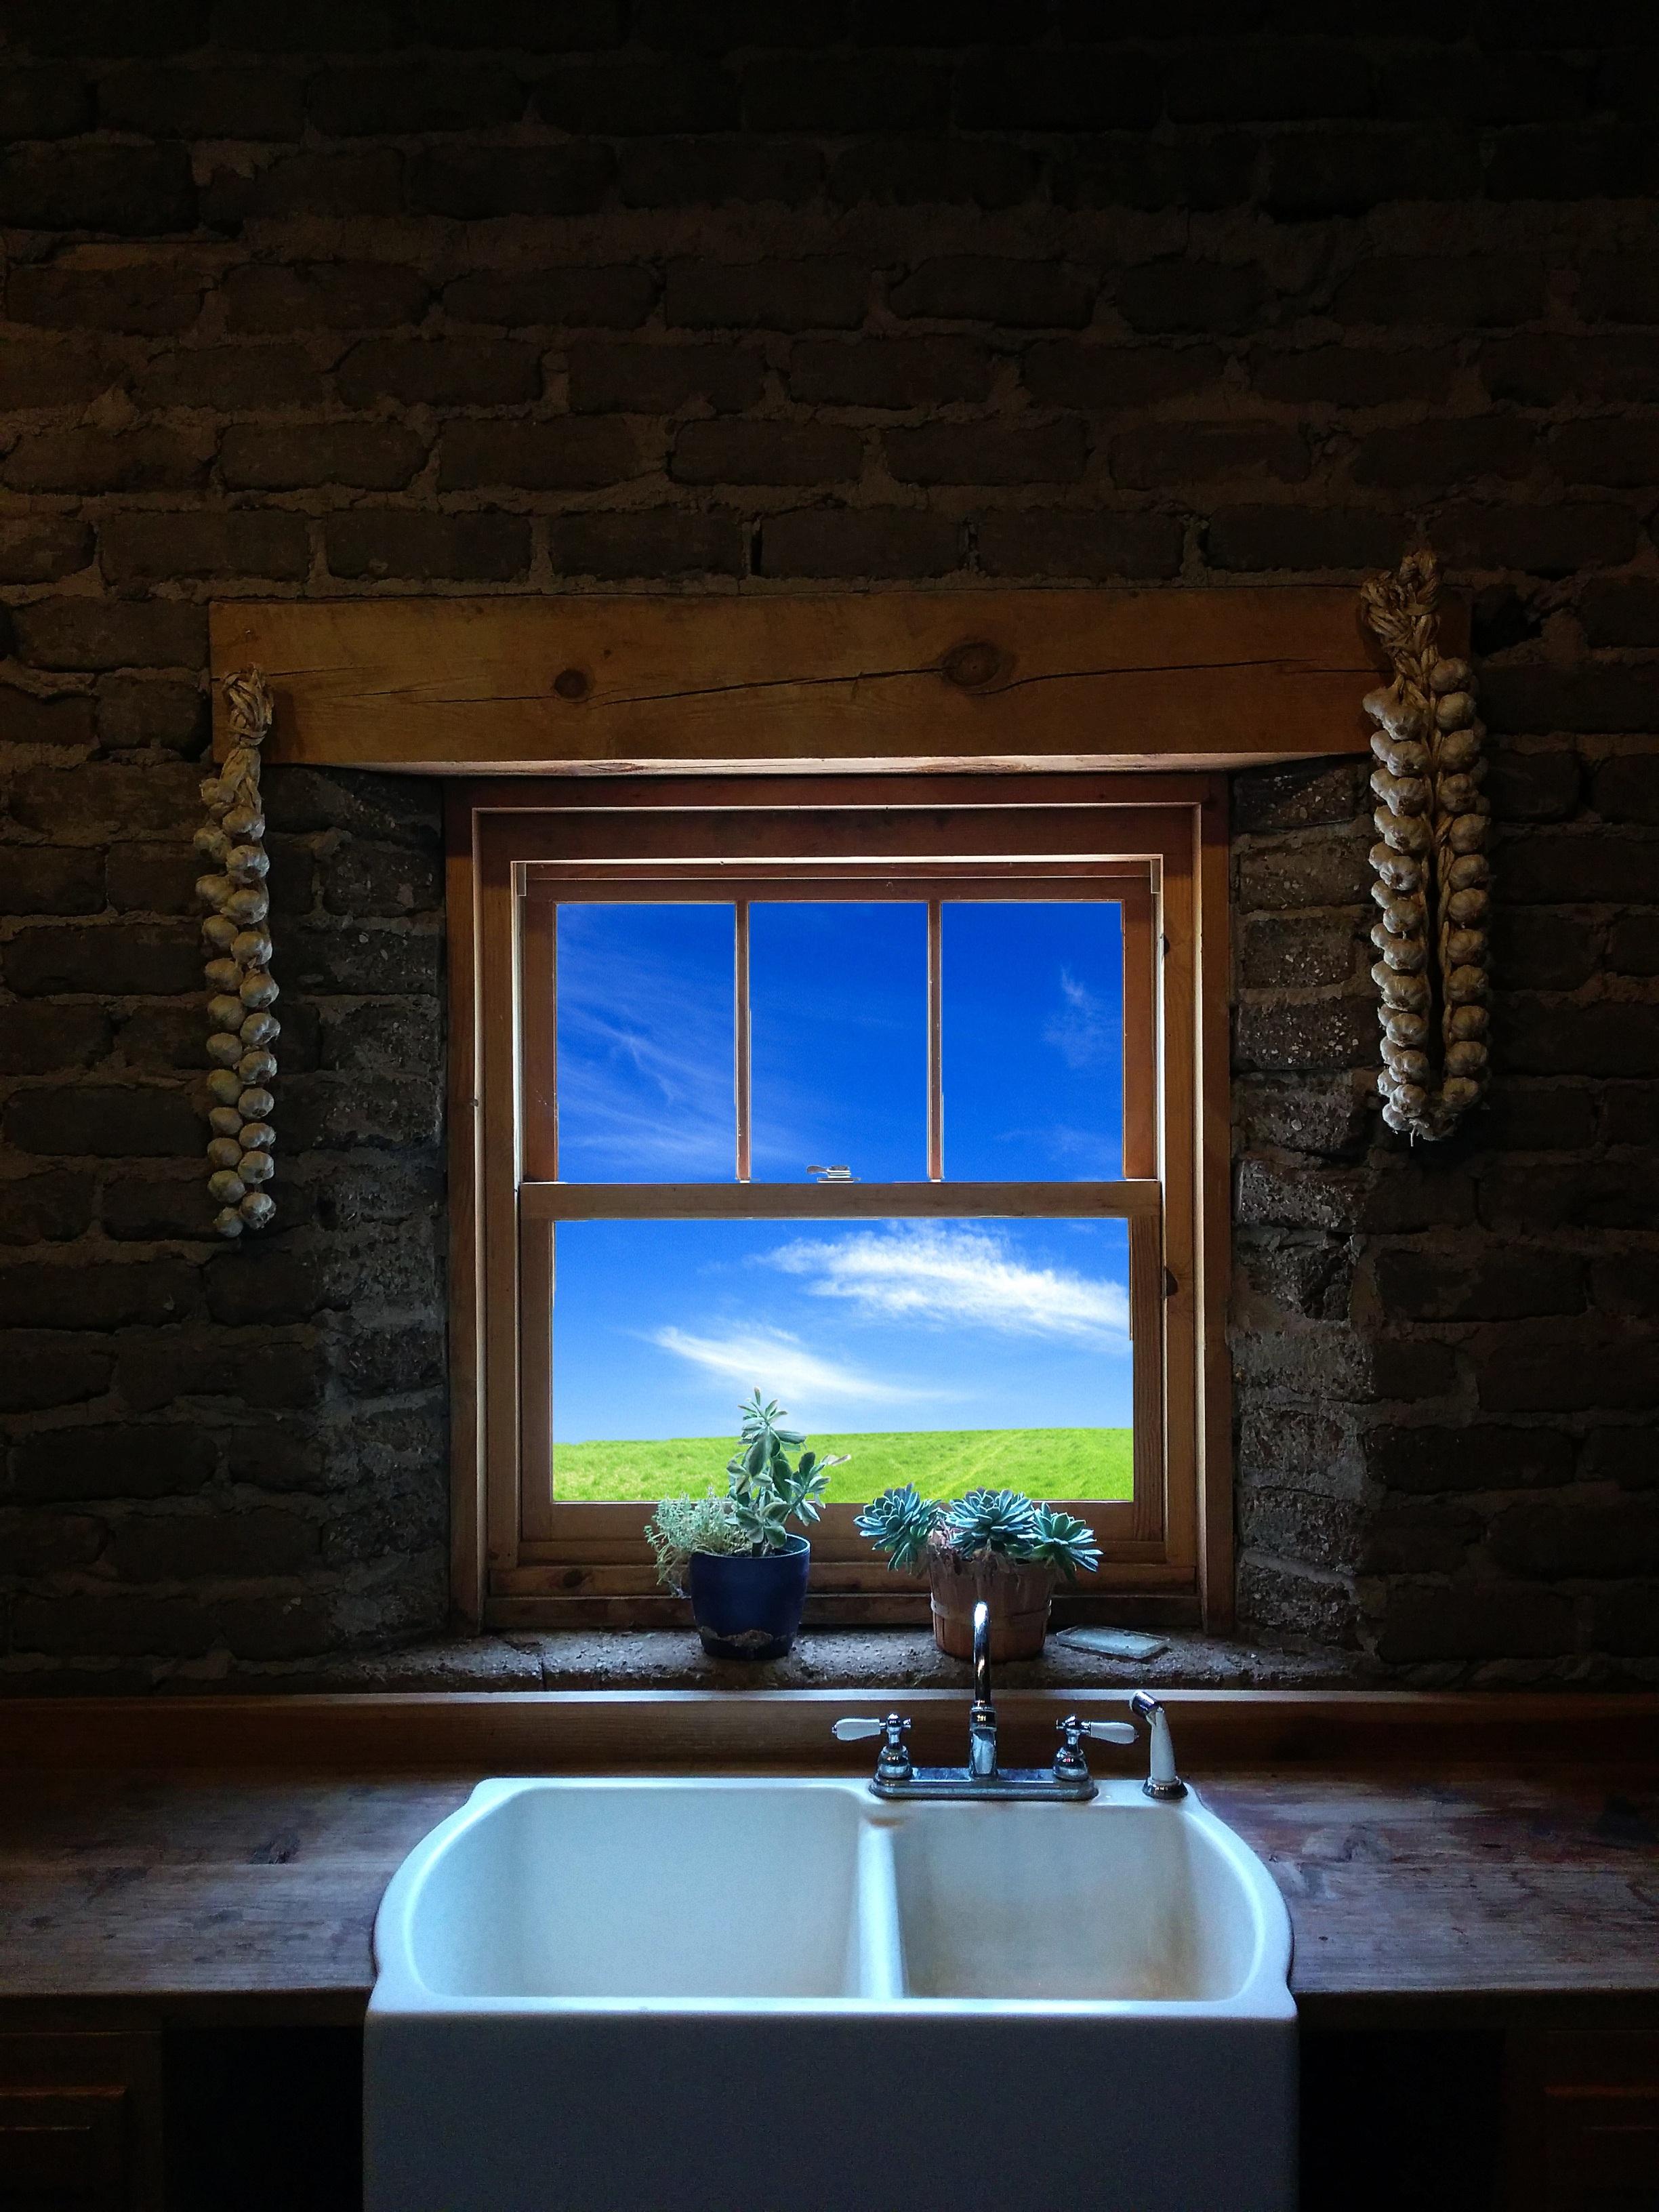 무료 이미지 햇빛 아침 창문 벽 찾고있는 여름 봄 거실 방 조명 인테리어 디자인